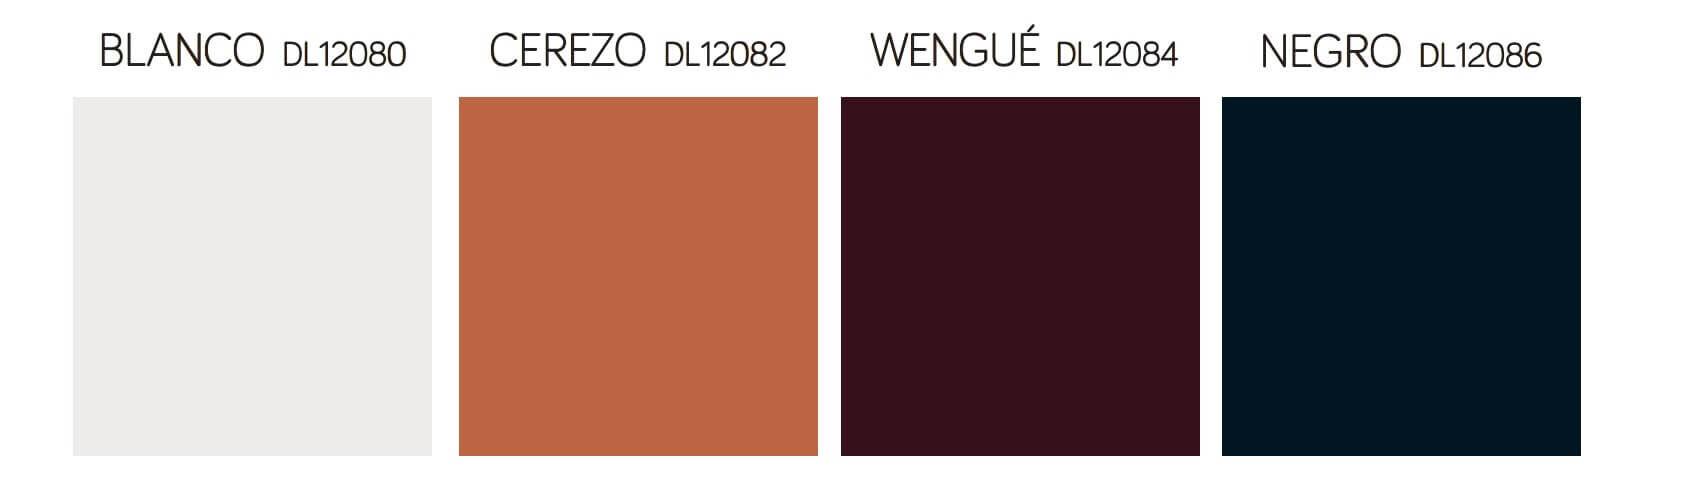 colores patas de bases pikolin divanlin